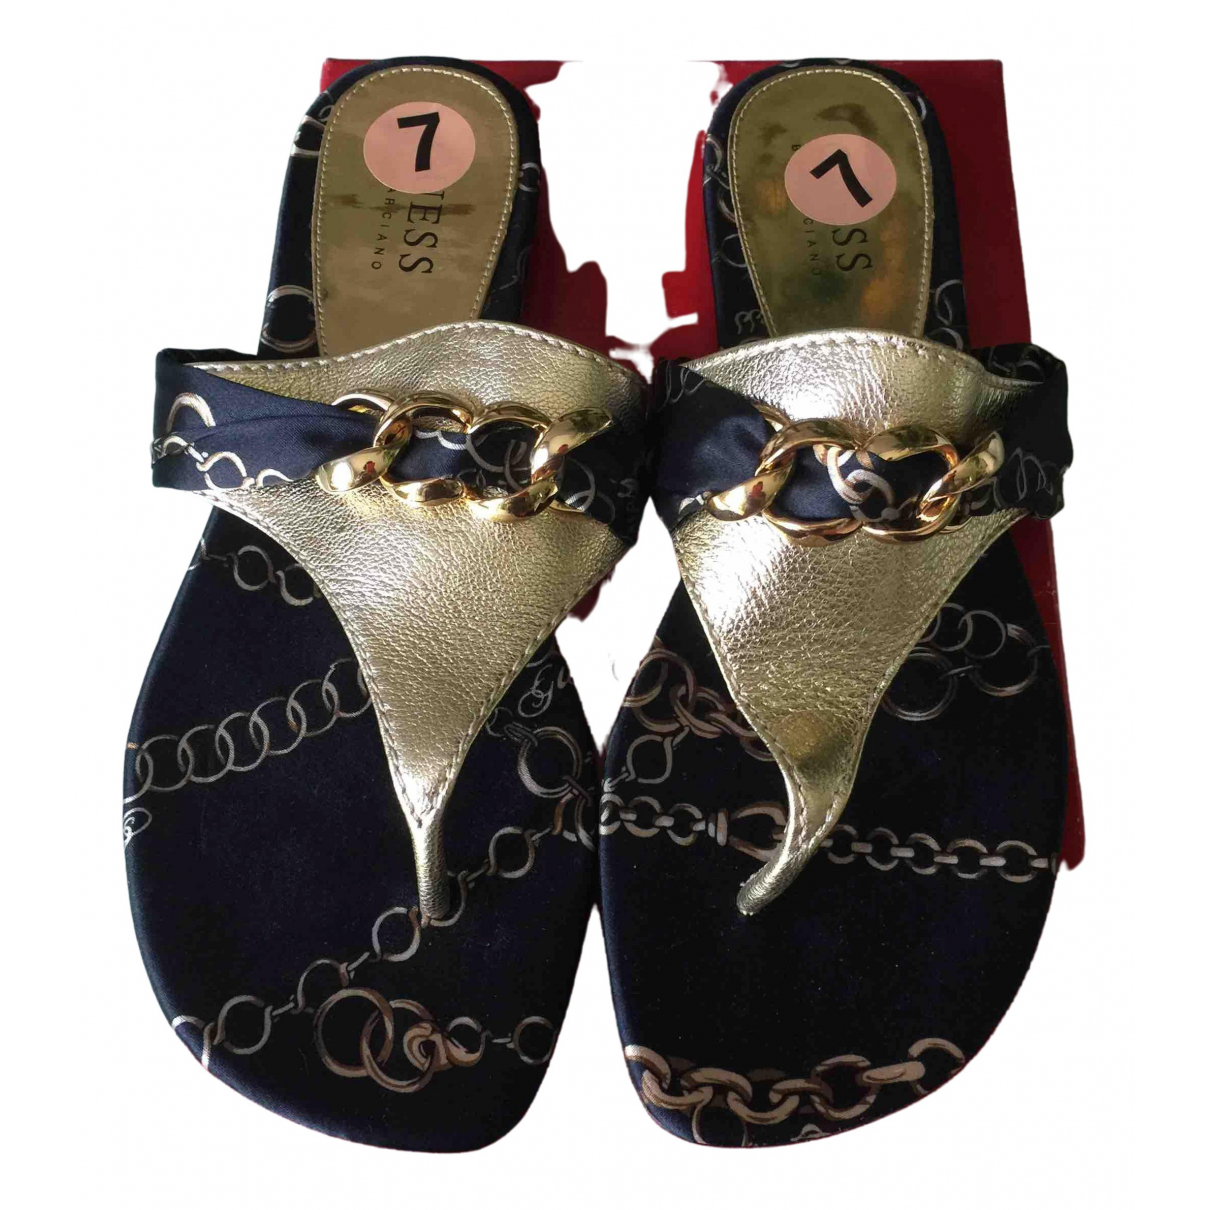 Guess - Sandales   pour femme en toile - multicolore